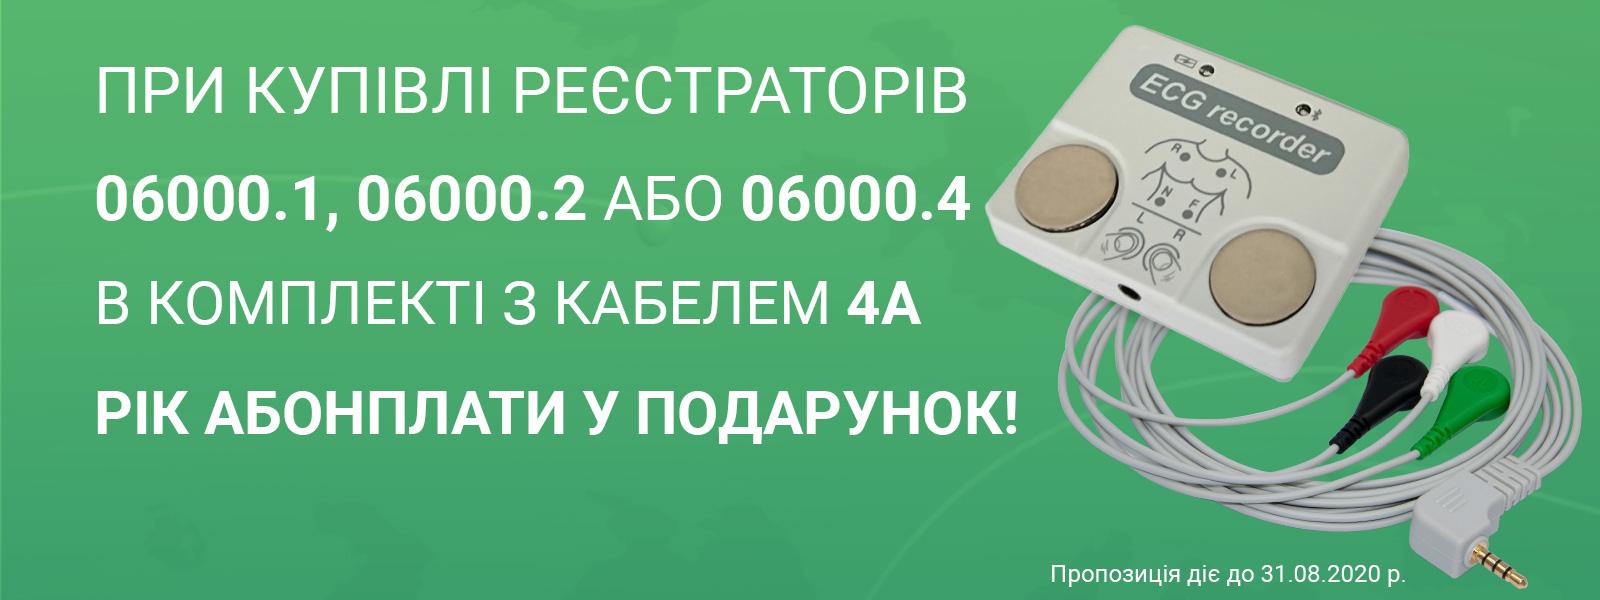 Год абонплаты в подарок при покупке регистратора ЭКГ в комплекте с кабелем 4A